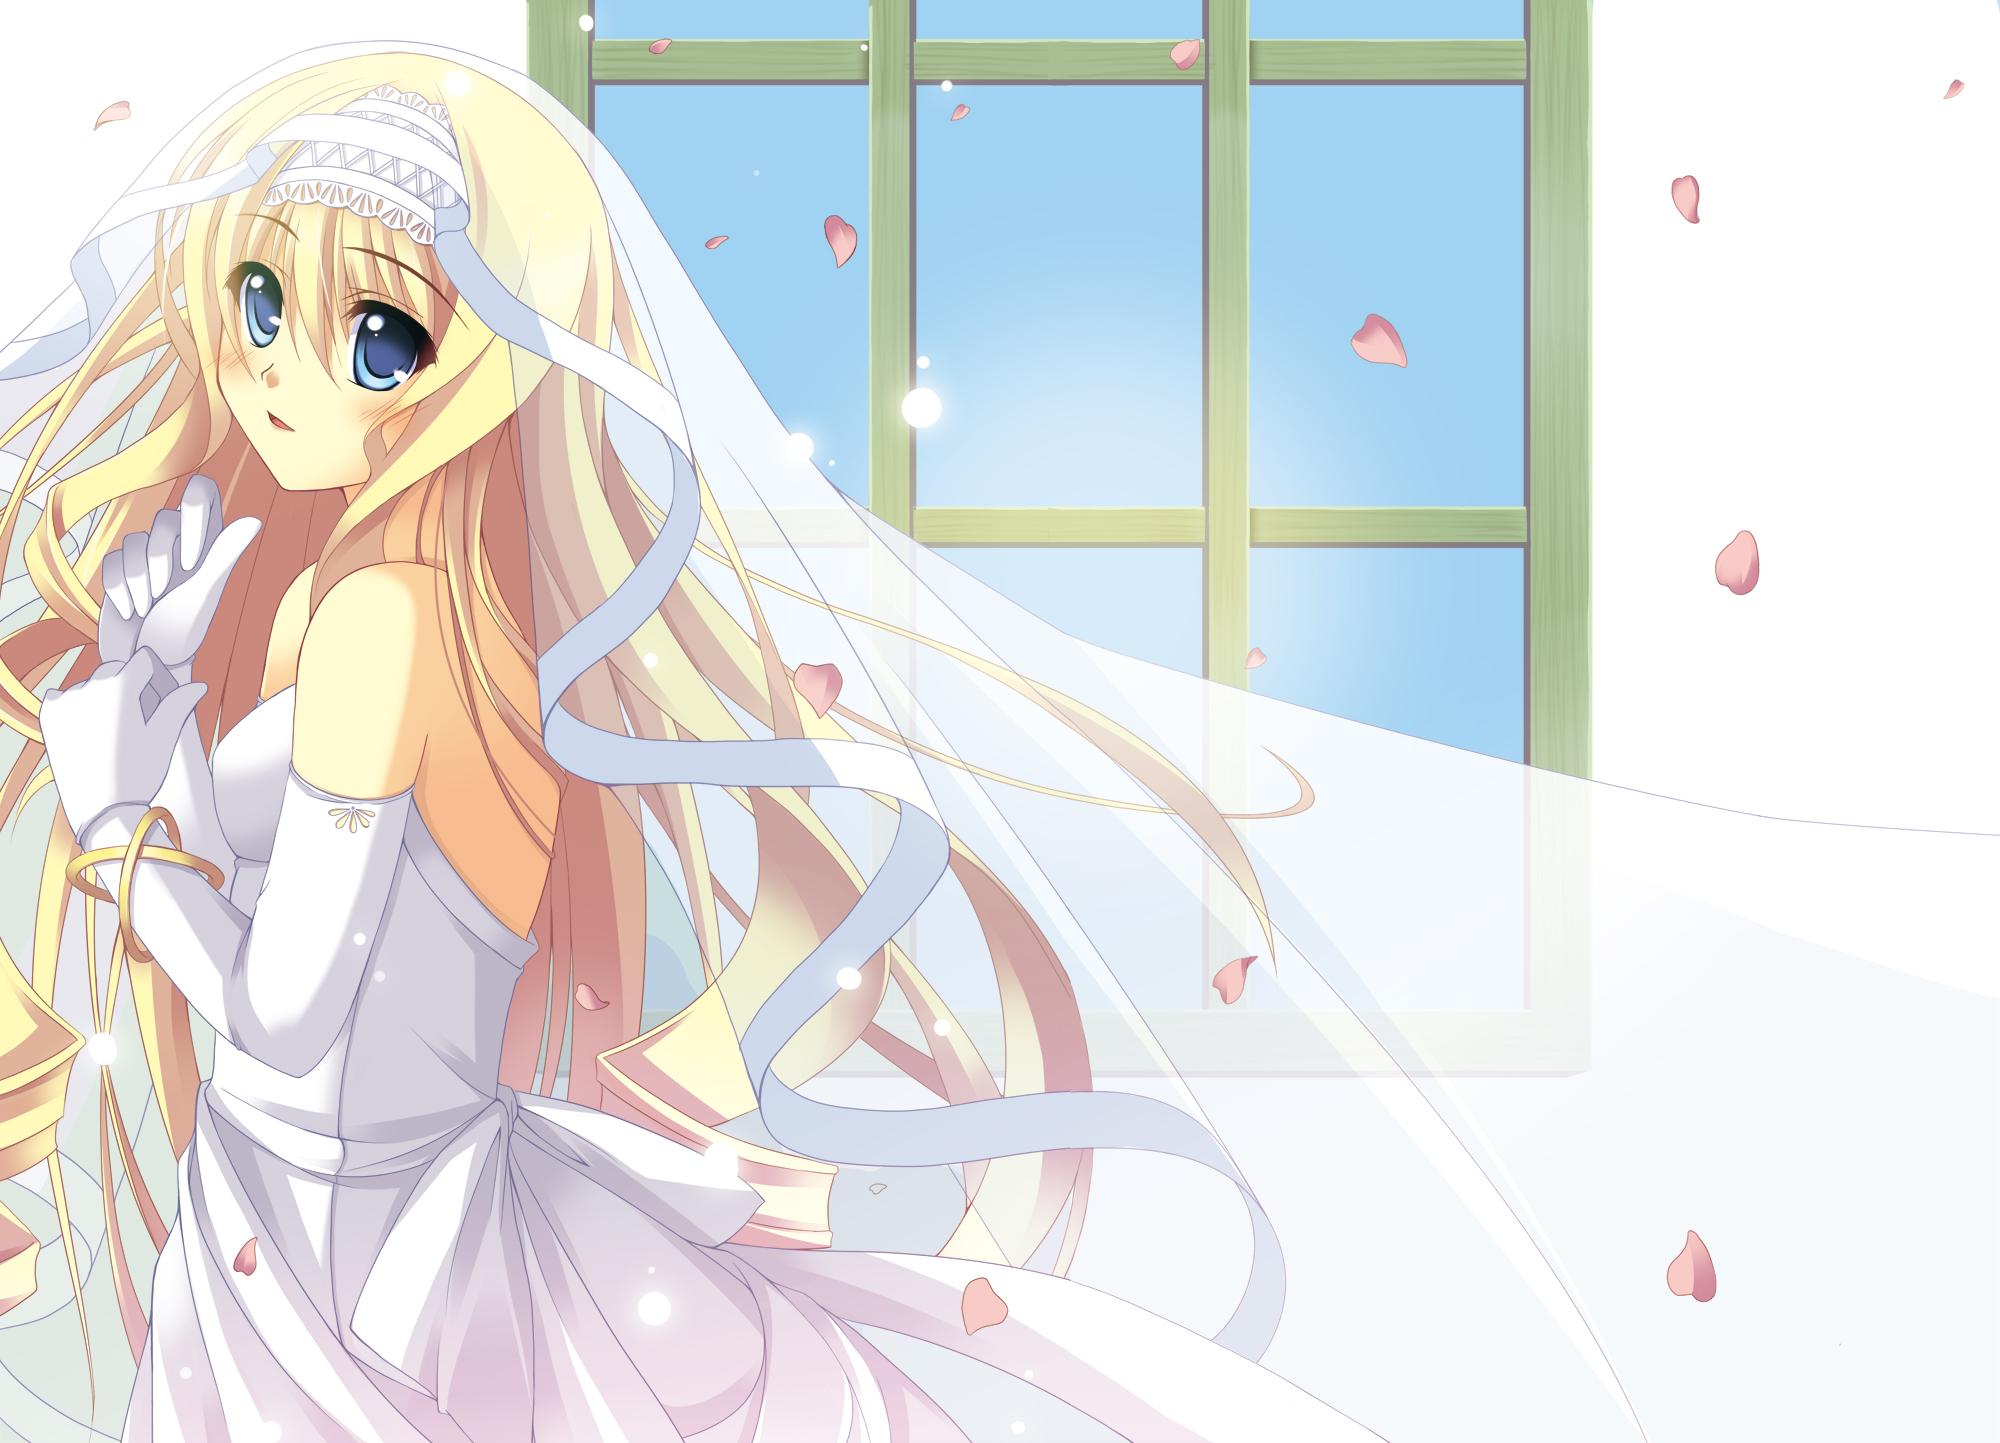 Картинки аниме девушек в свадебном платье